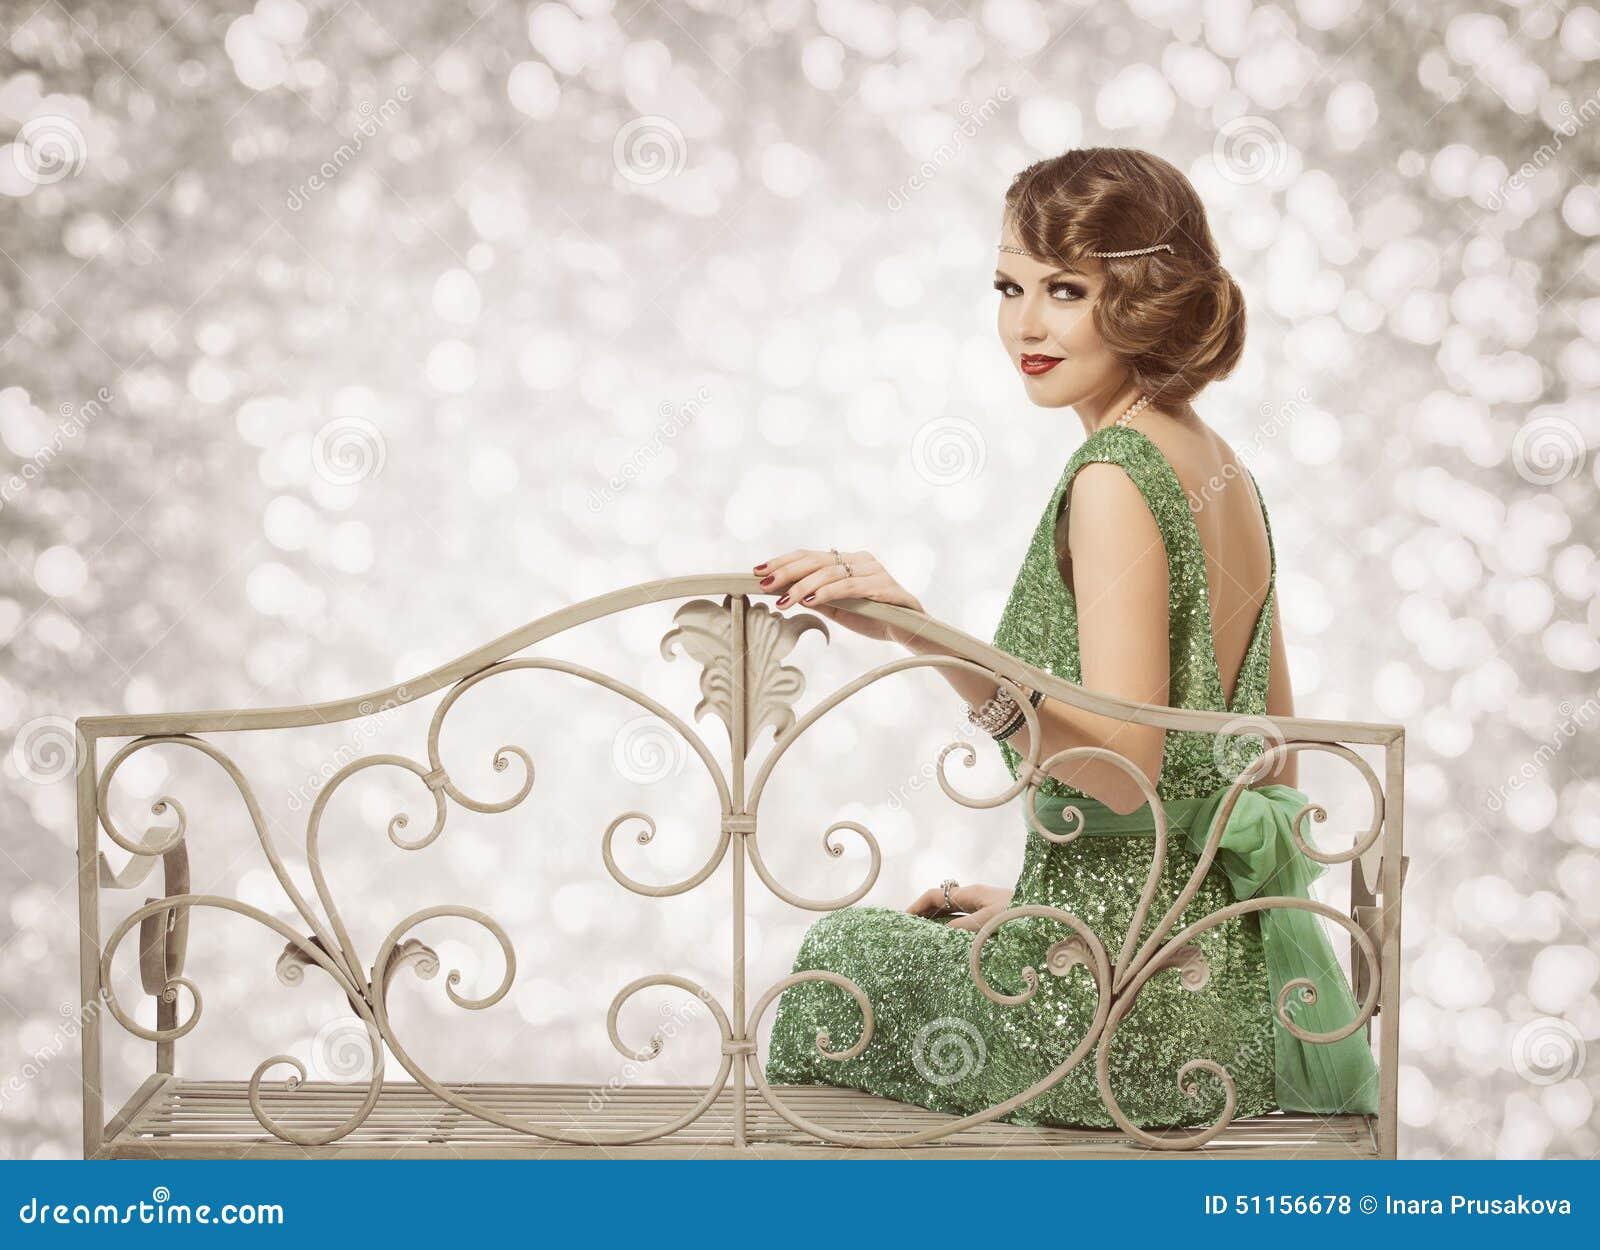 Retro kobieta portret, Piękna dama z Falowym fryzury obsiadaniem